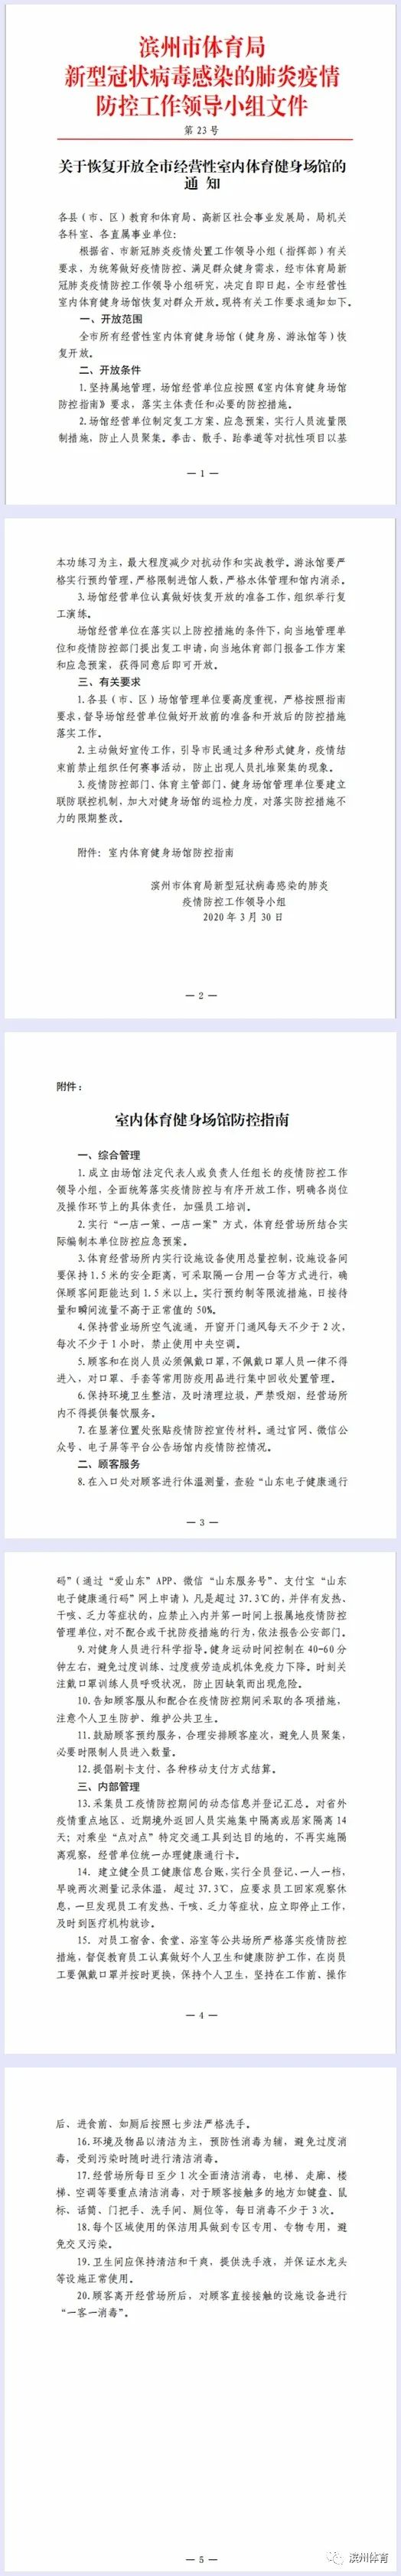 最新消息!滨州的健身房、游泳馆恢复开放!